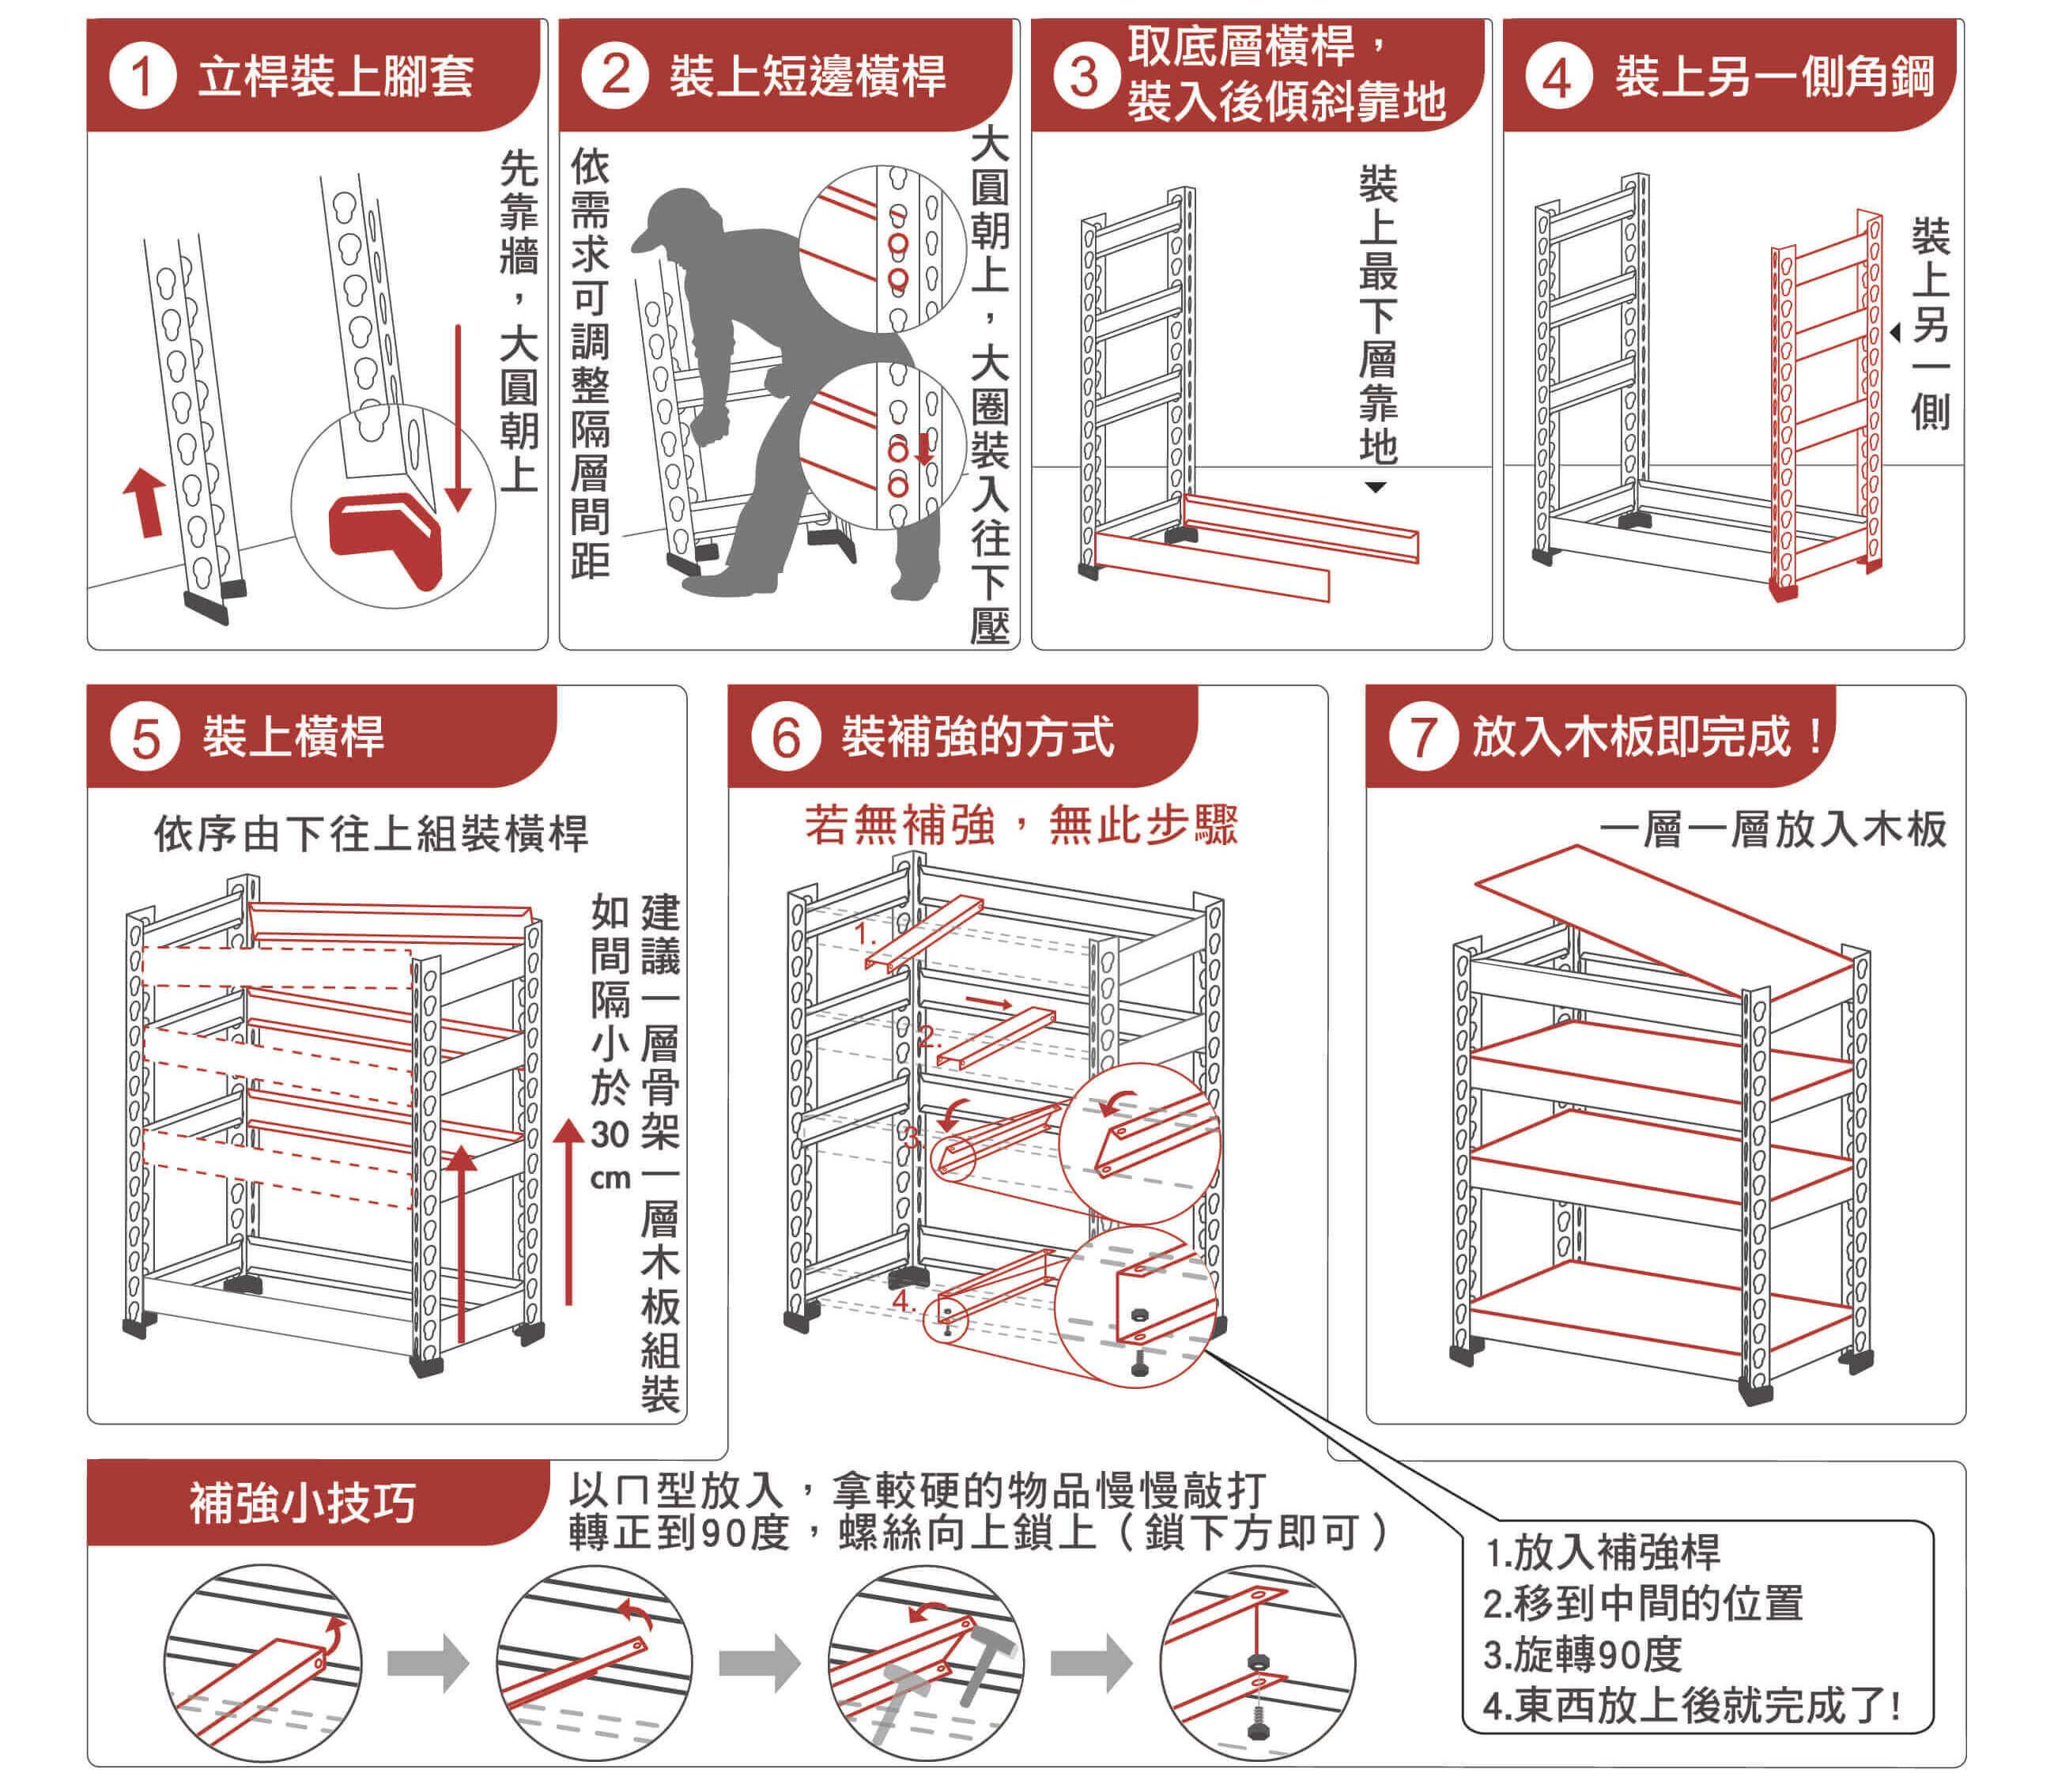 新版角鋼架組裝教學| 角鋼推薦|角鋼台南|角鋼價格|角鋼估價|角鋼規格|角鋼材質|角鋼種類|角鋼架好處|角鋼尺寸|角鋼質量|角鋼組裝|空間特工Ciazhan-免螺絲角鋼家具/收納規劃